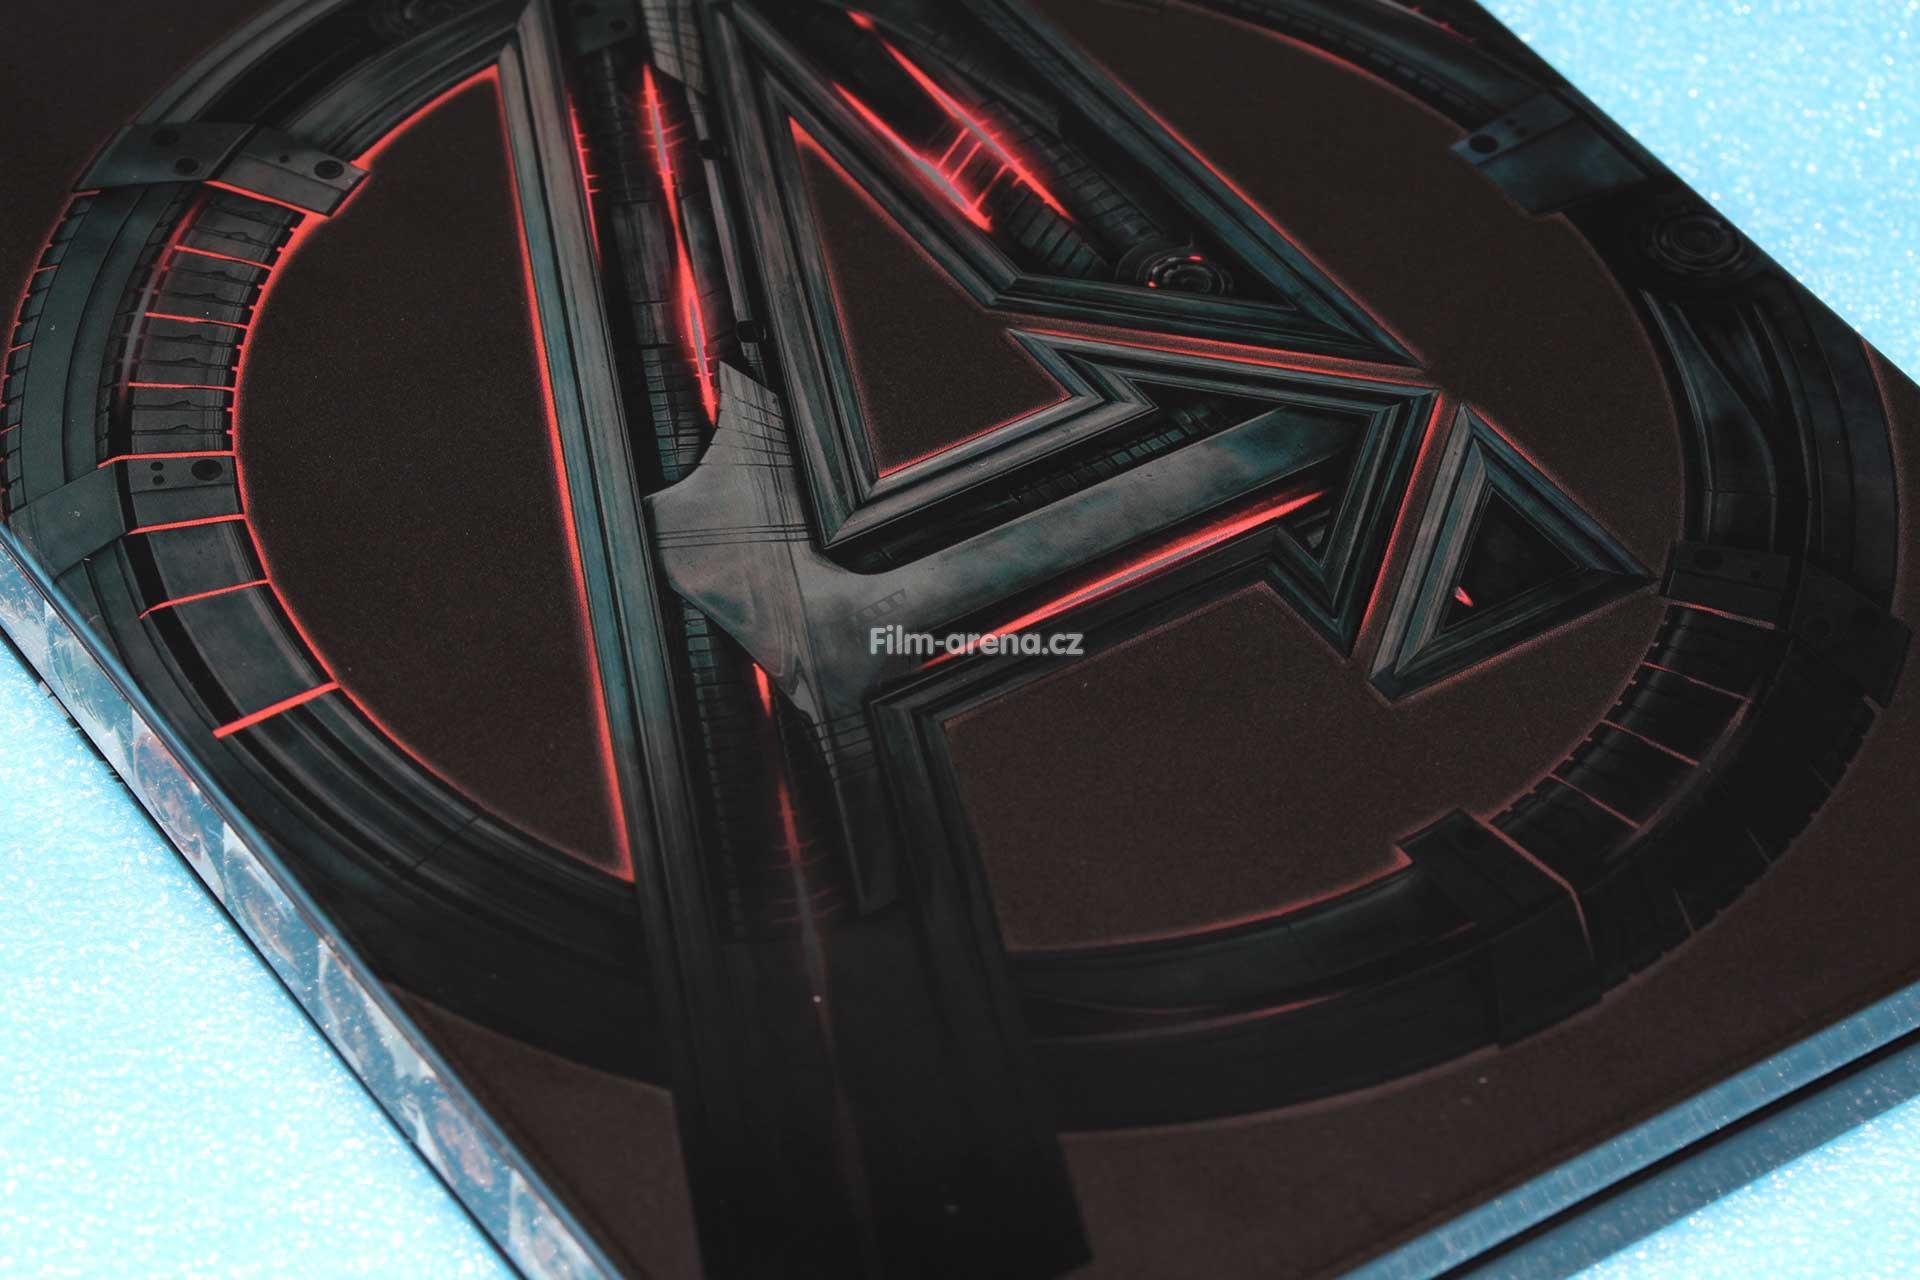 http://www.filmarena.cz/upload/images/nazivo/Avengers_2/avengers_14.jpg